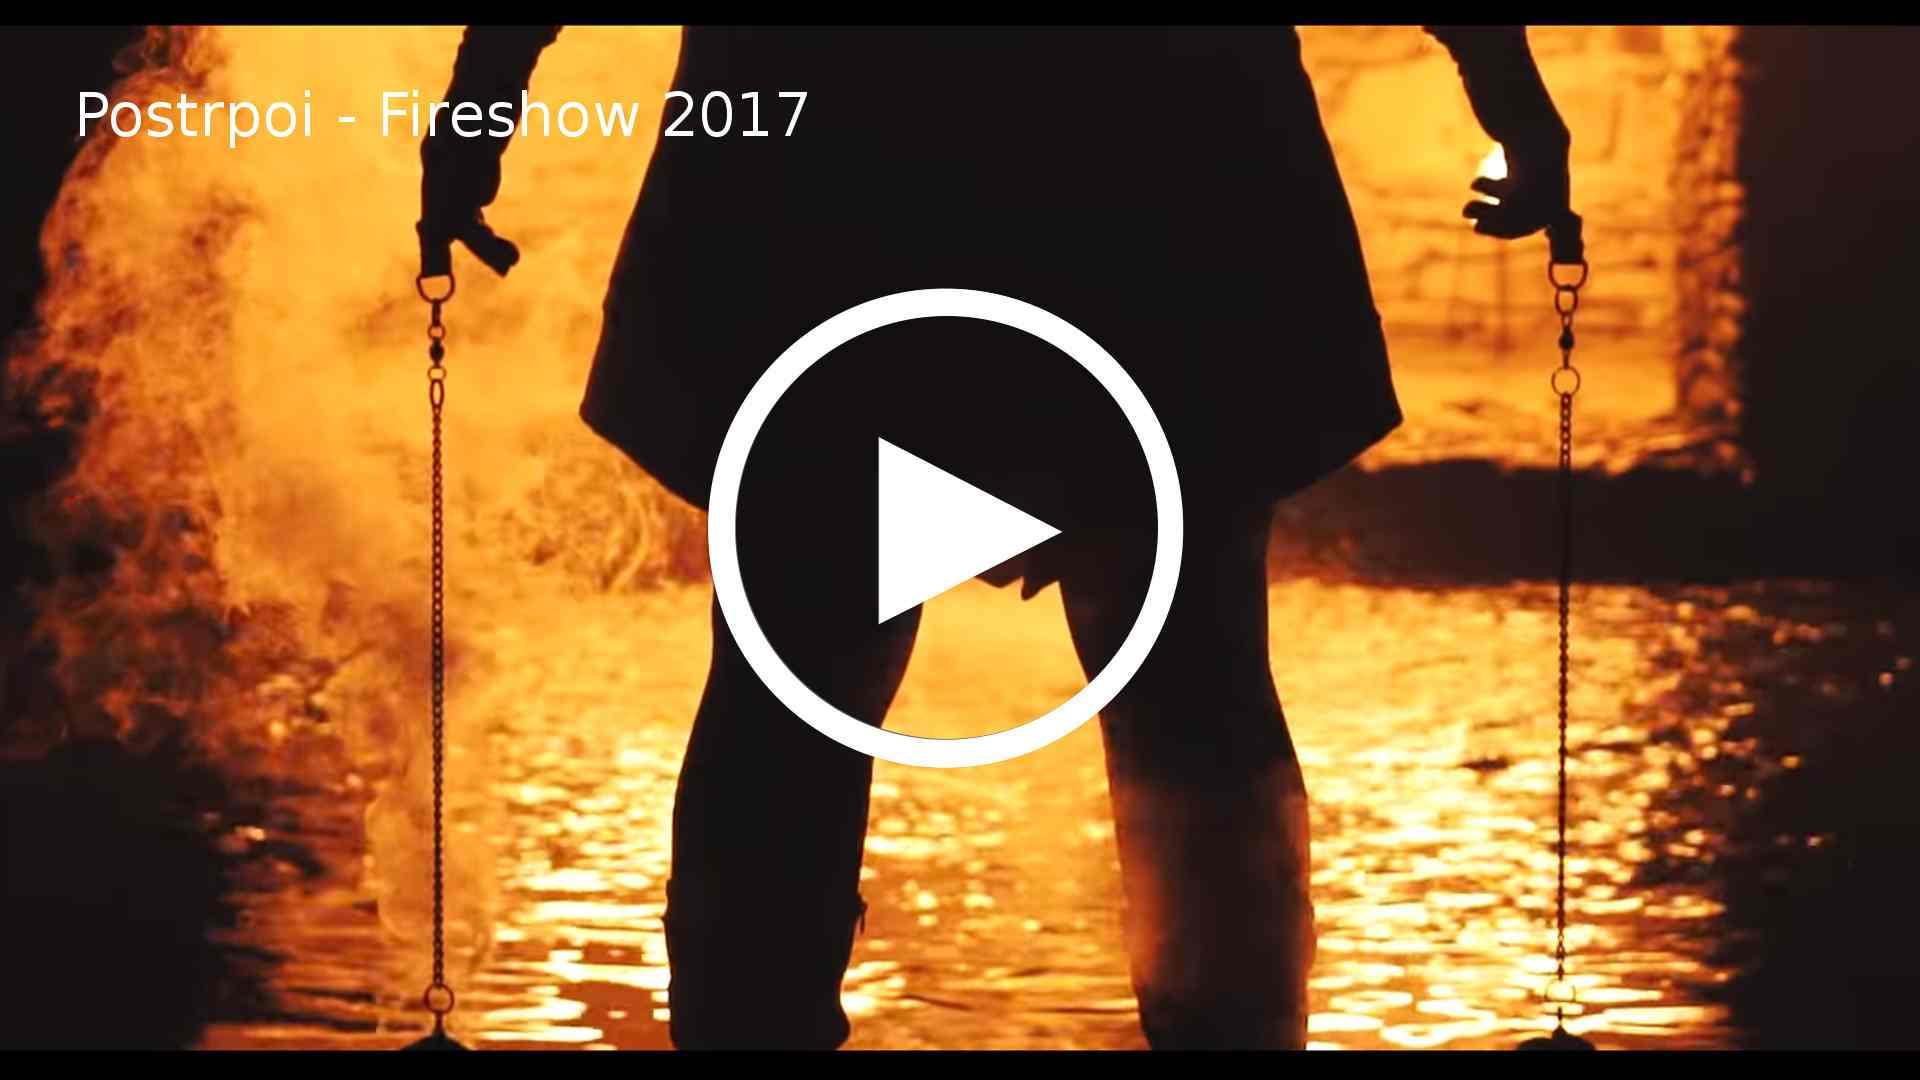 ohňová show - skupina Postrpoi - promo video